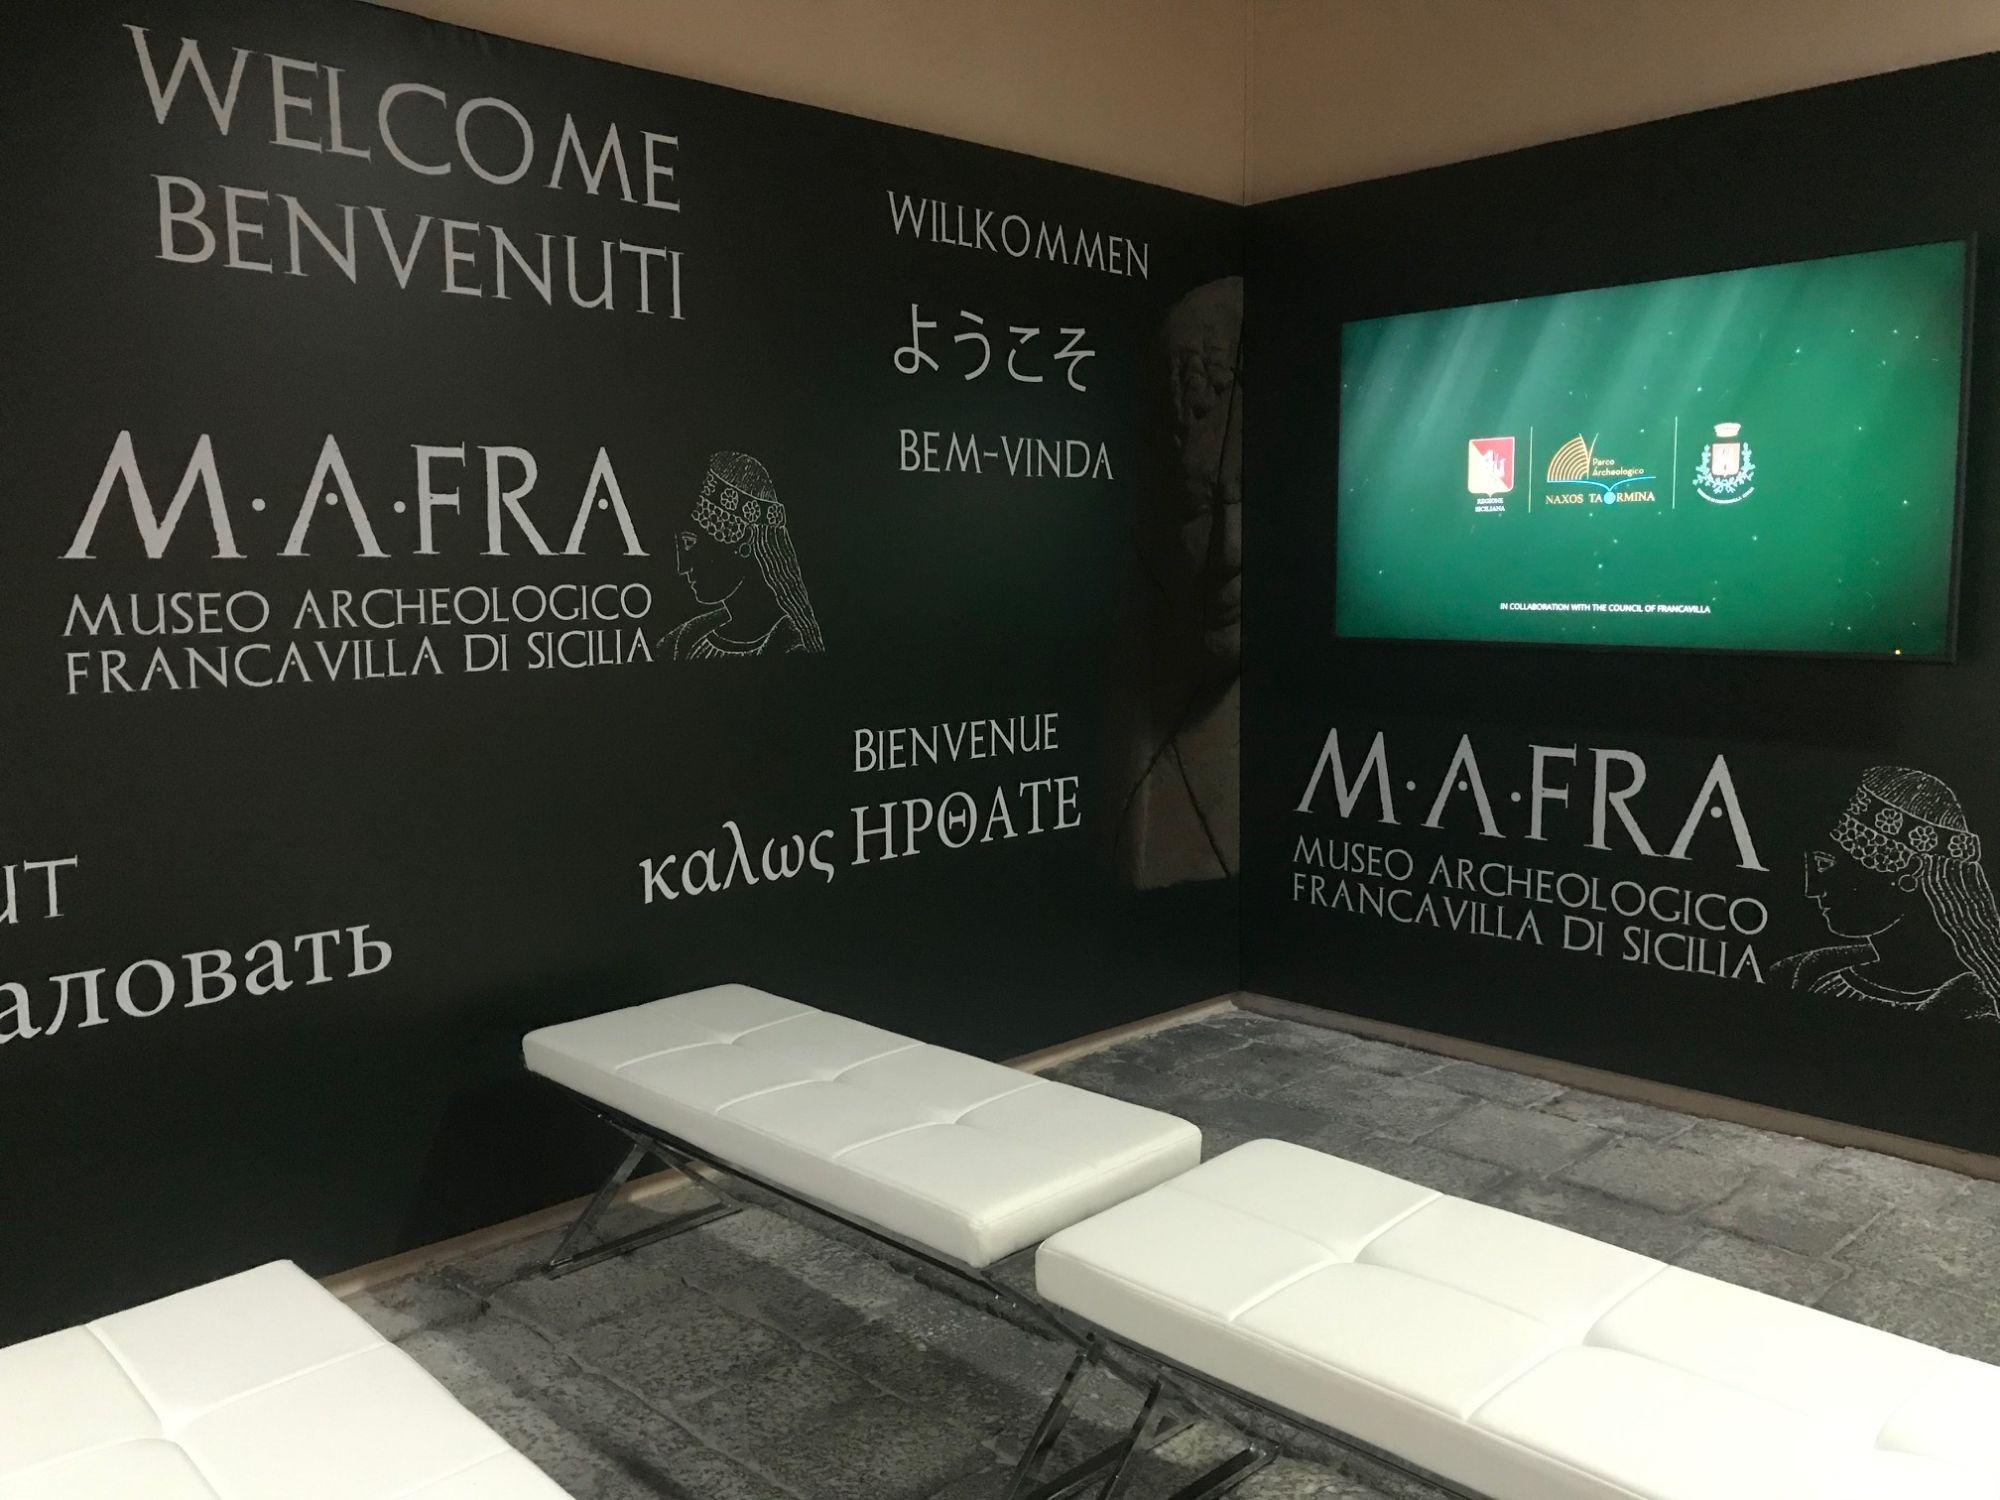 M.A.FRA: Francavilla di Sicilia si prepara a inaugurare un nuovo museo archeologico